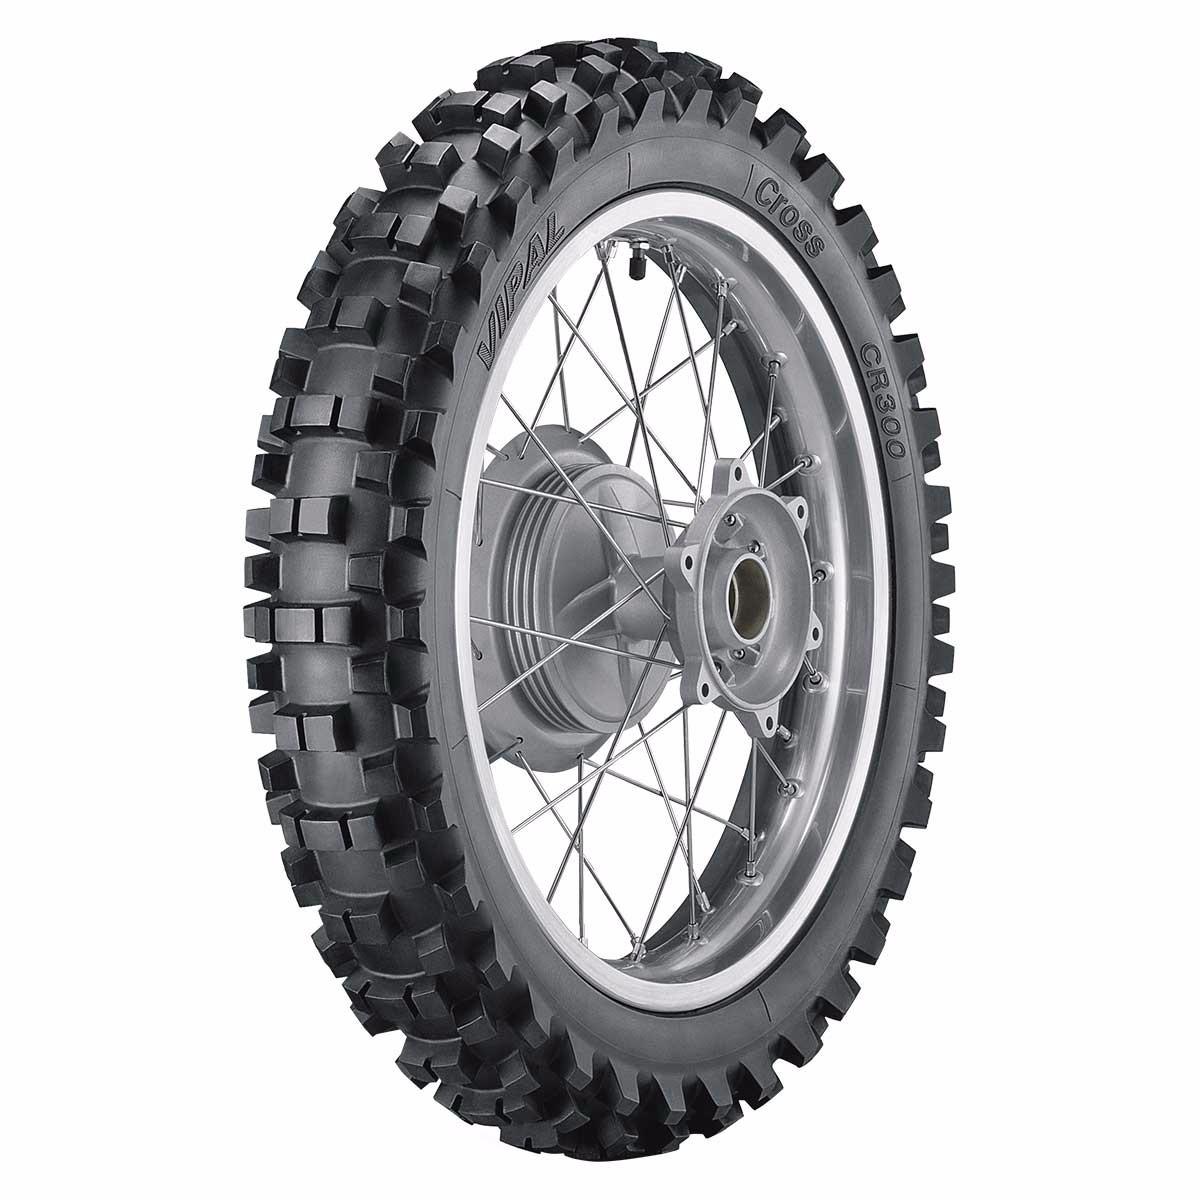 Pneu Crf 230 TTR 230 Ktm 250 Klx 300 Traseiro 100/100-18 Cross Cr300 Vipal